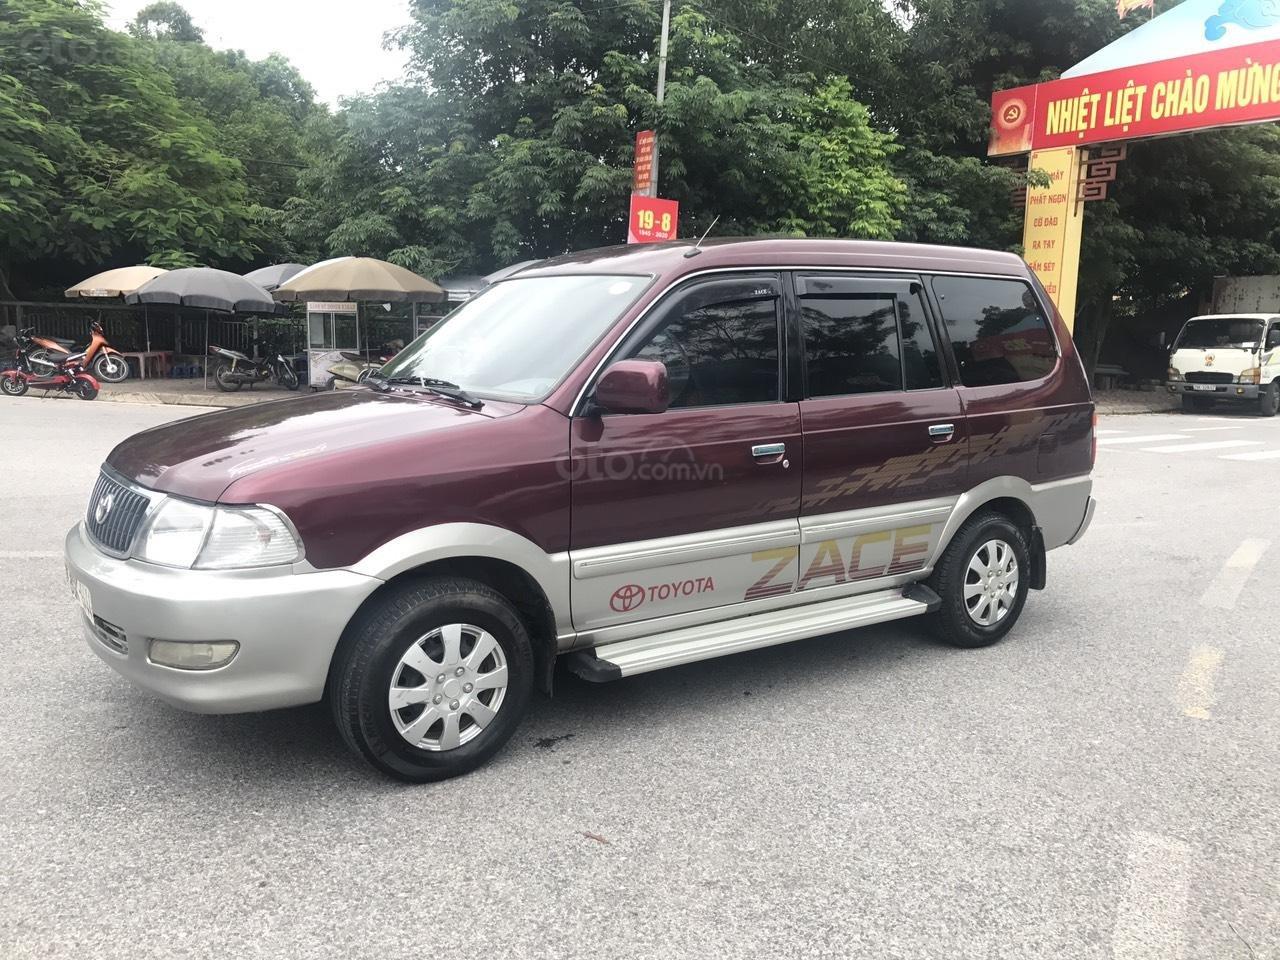 Toyota Zace GL cuối 2004, màu đỏ, chính 1 chủ biển 4 số sử dụng từ mới, nói không với lỗi nhỏ, mới nhất Việt Nam (2)